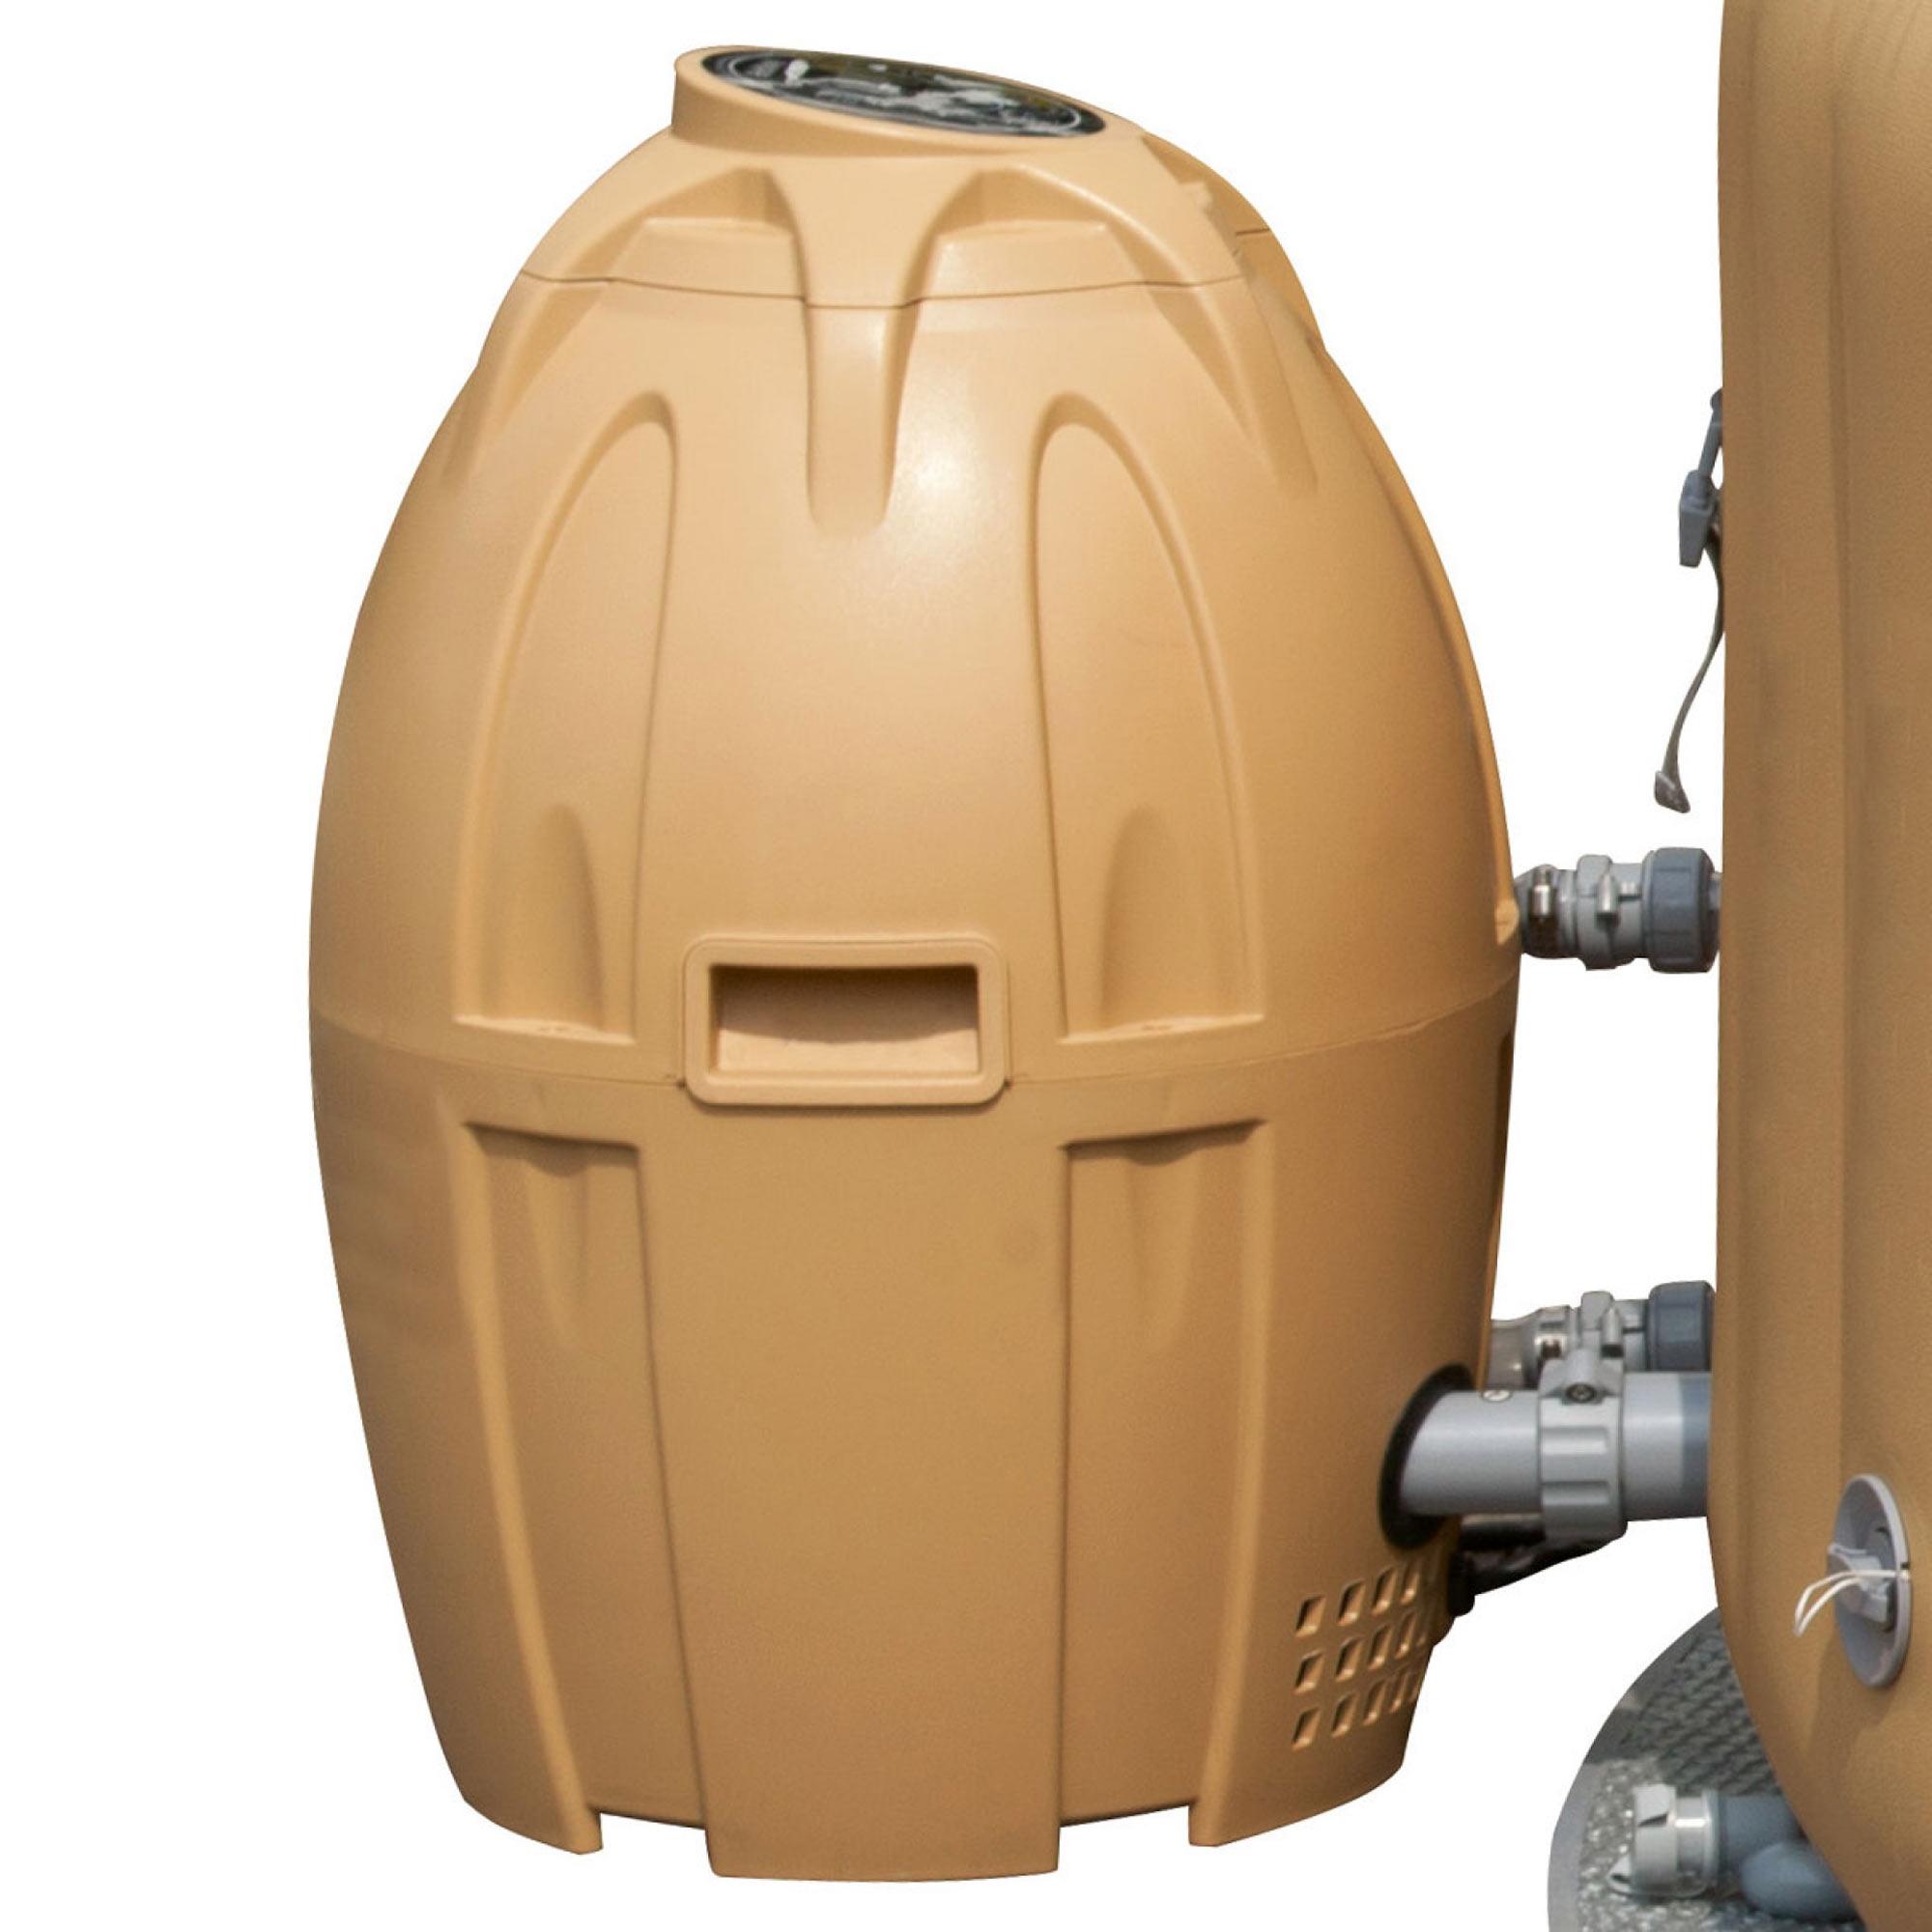 hotspring pumps speed tub pump hot watkins spa components